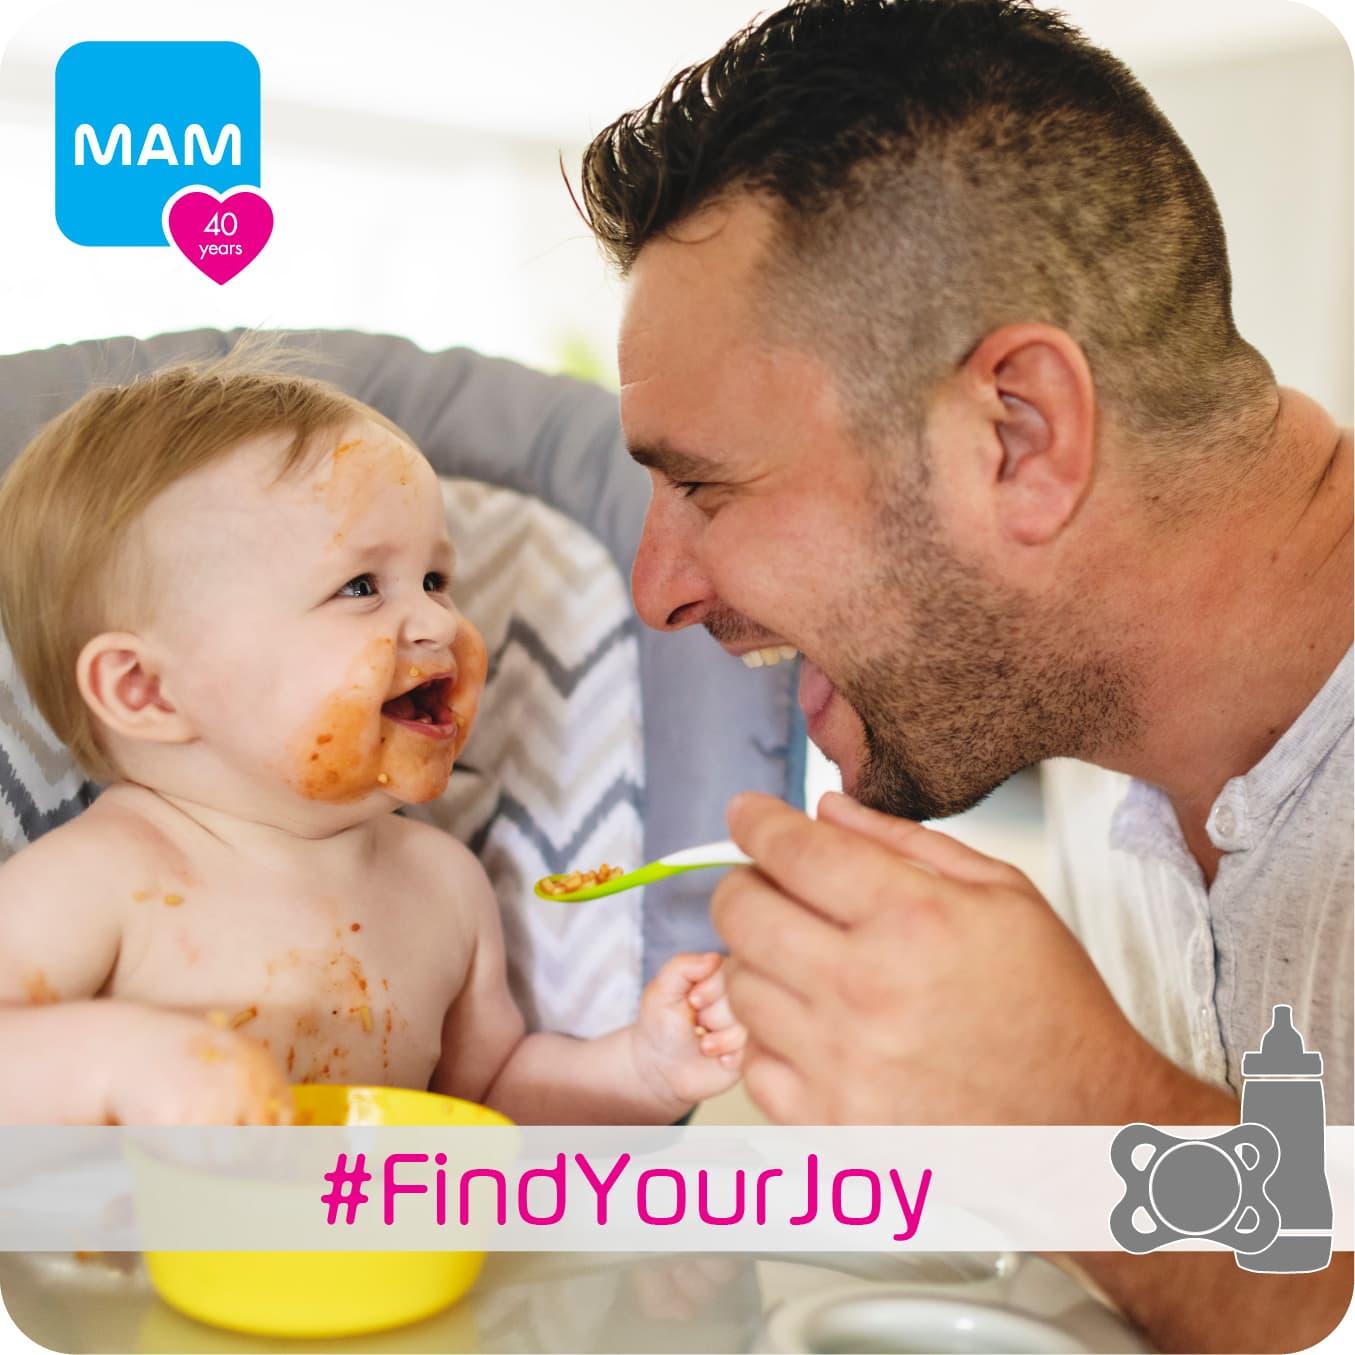 #FindYourJoy with MAM